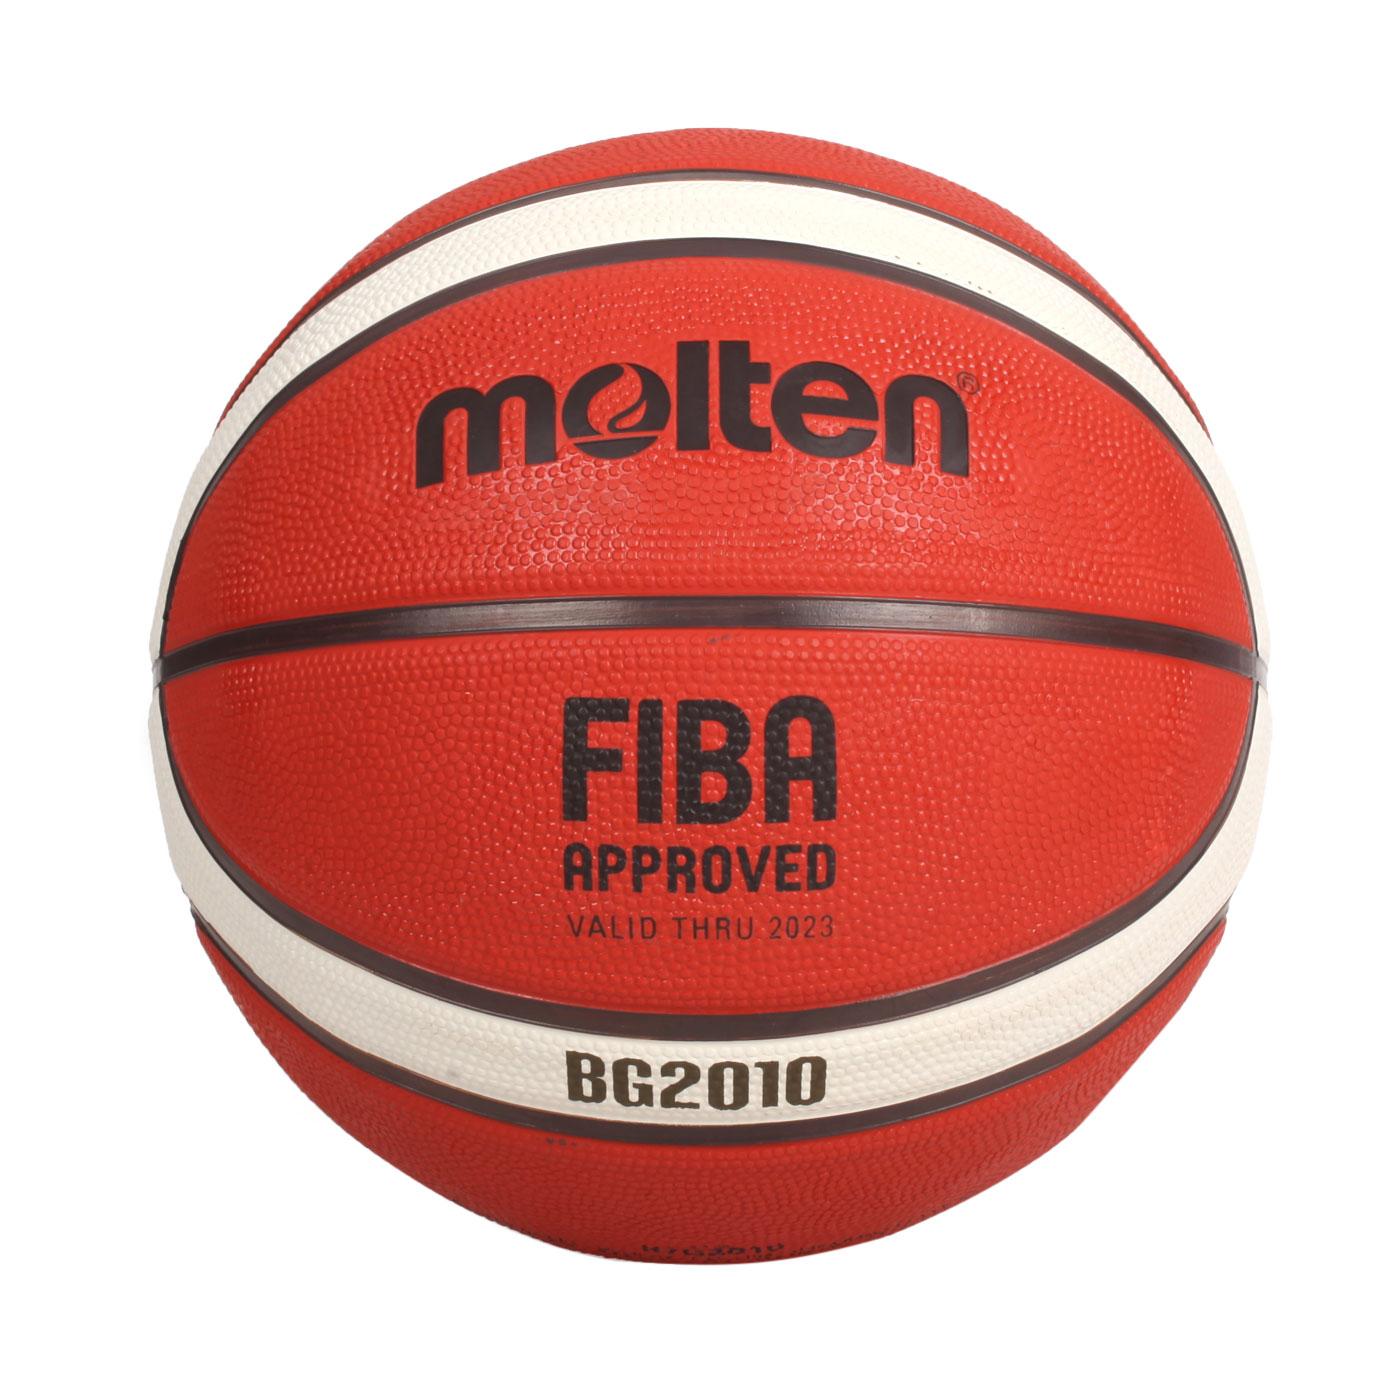 Molten 12片橡膠深溝籃球#7 B7G2010